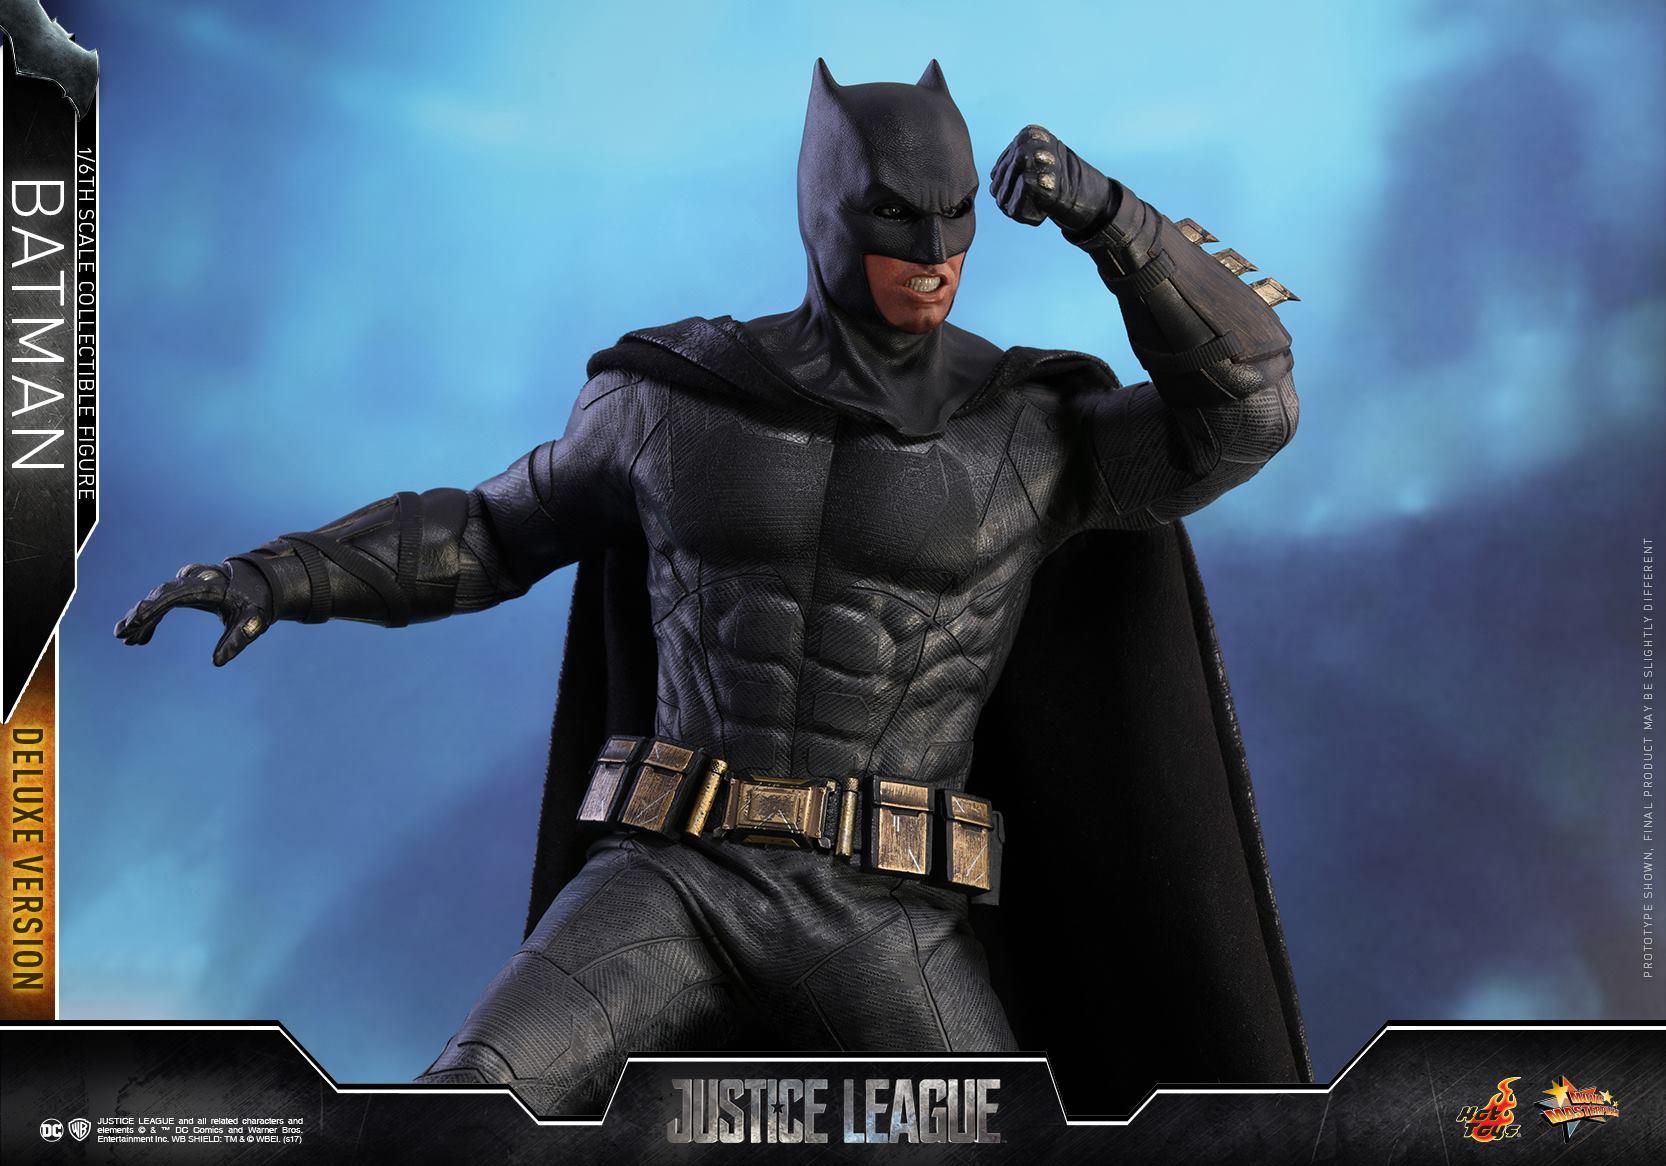 Hot-Toys-Deluxe-Batman-Justice-League-009